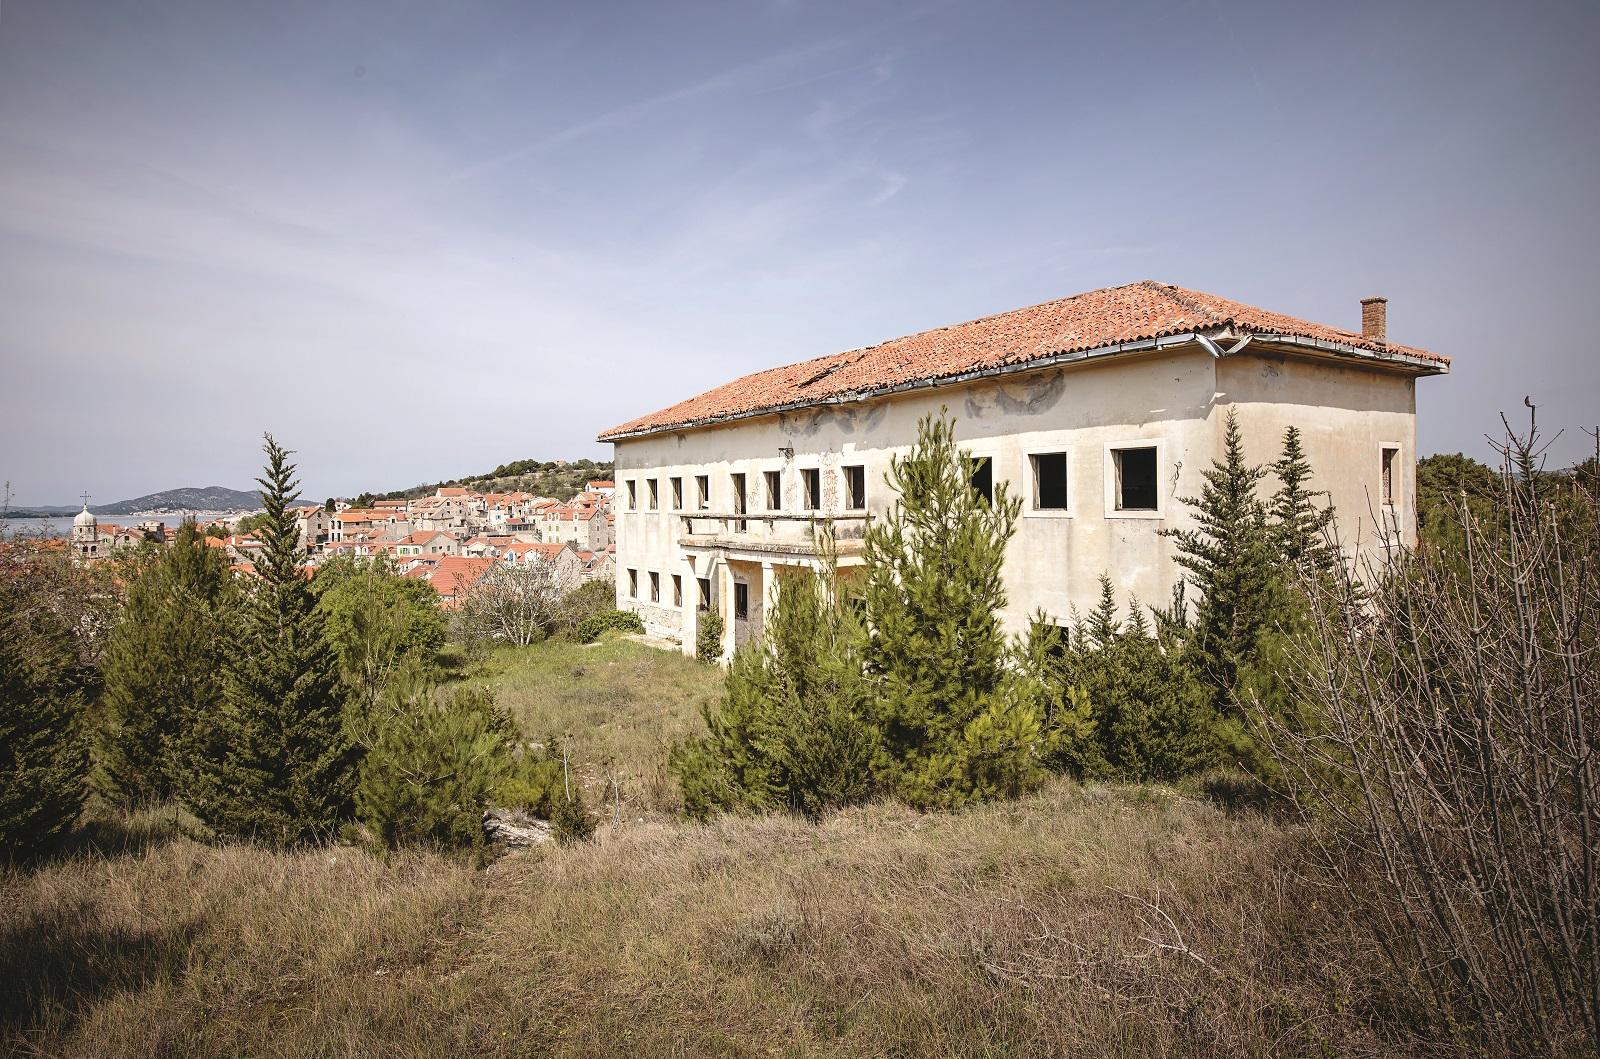 Postoji ozbiljan interes za otvaranje butik hotela na lokaciji stare otočne škole koja je godinama izvan funkcije